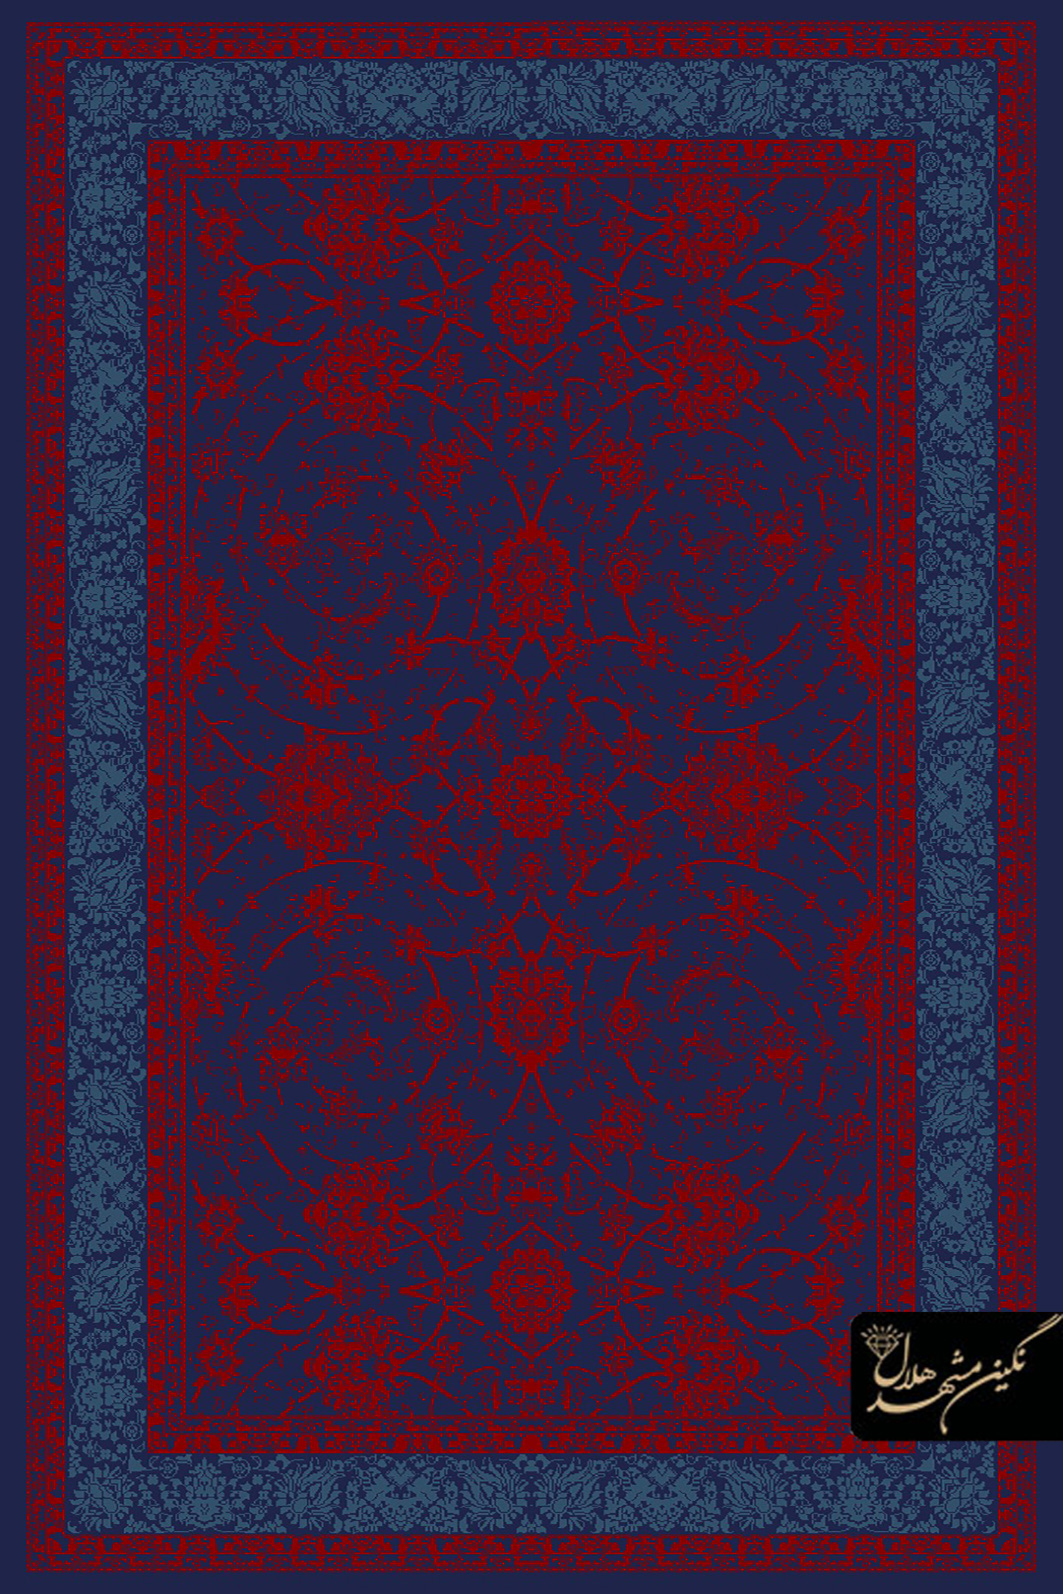 فرش وینتیج طرح افشان کد 5063 زمینه سرمه ای